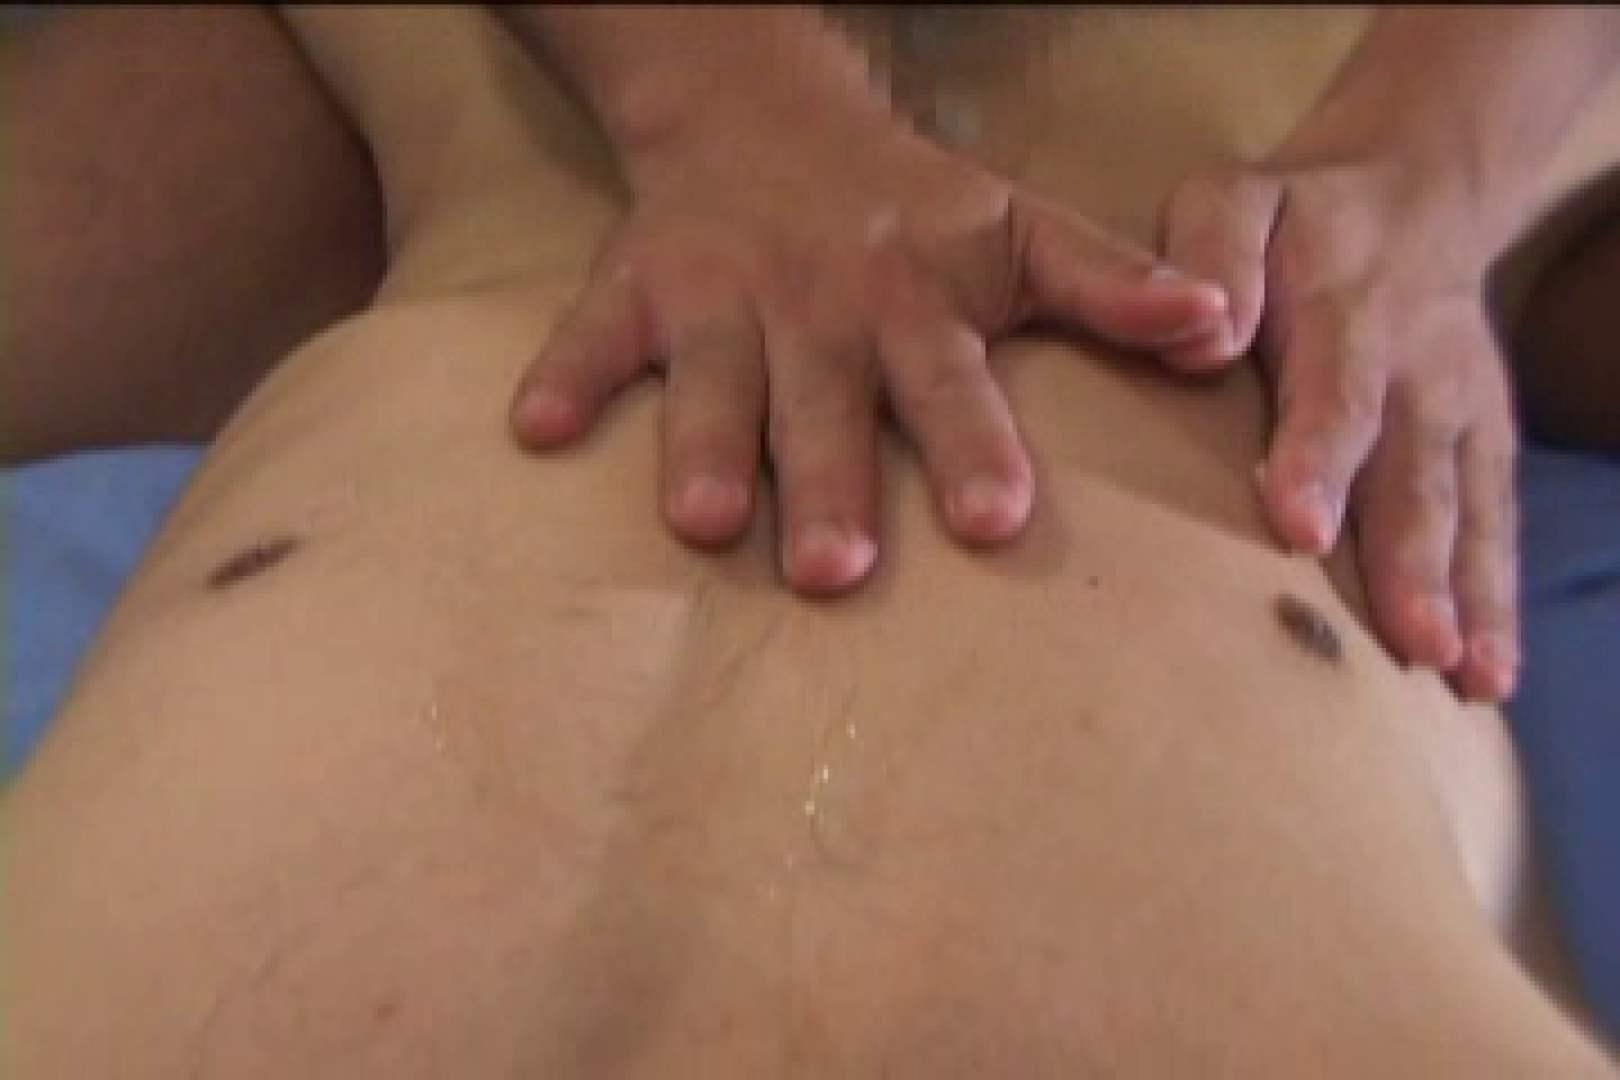 調教だよお菊さん!Vol.02 スジ筋系メンズ ゲイ精子画像 14画像 13